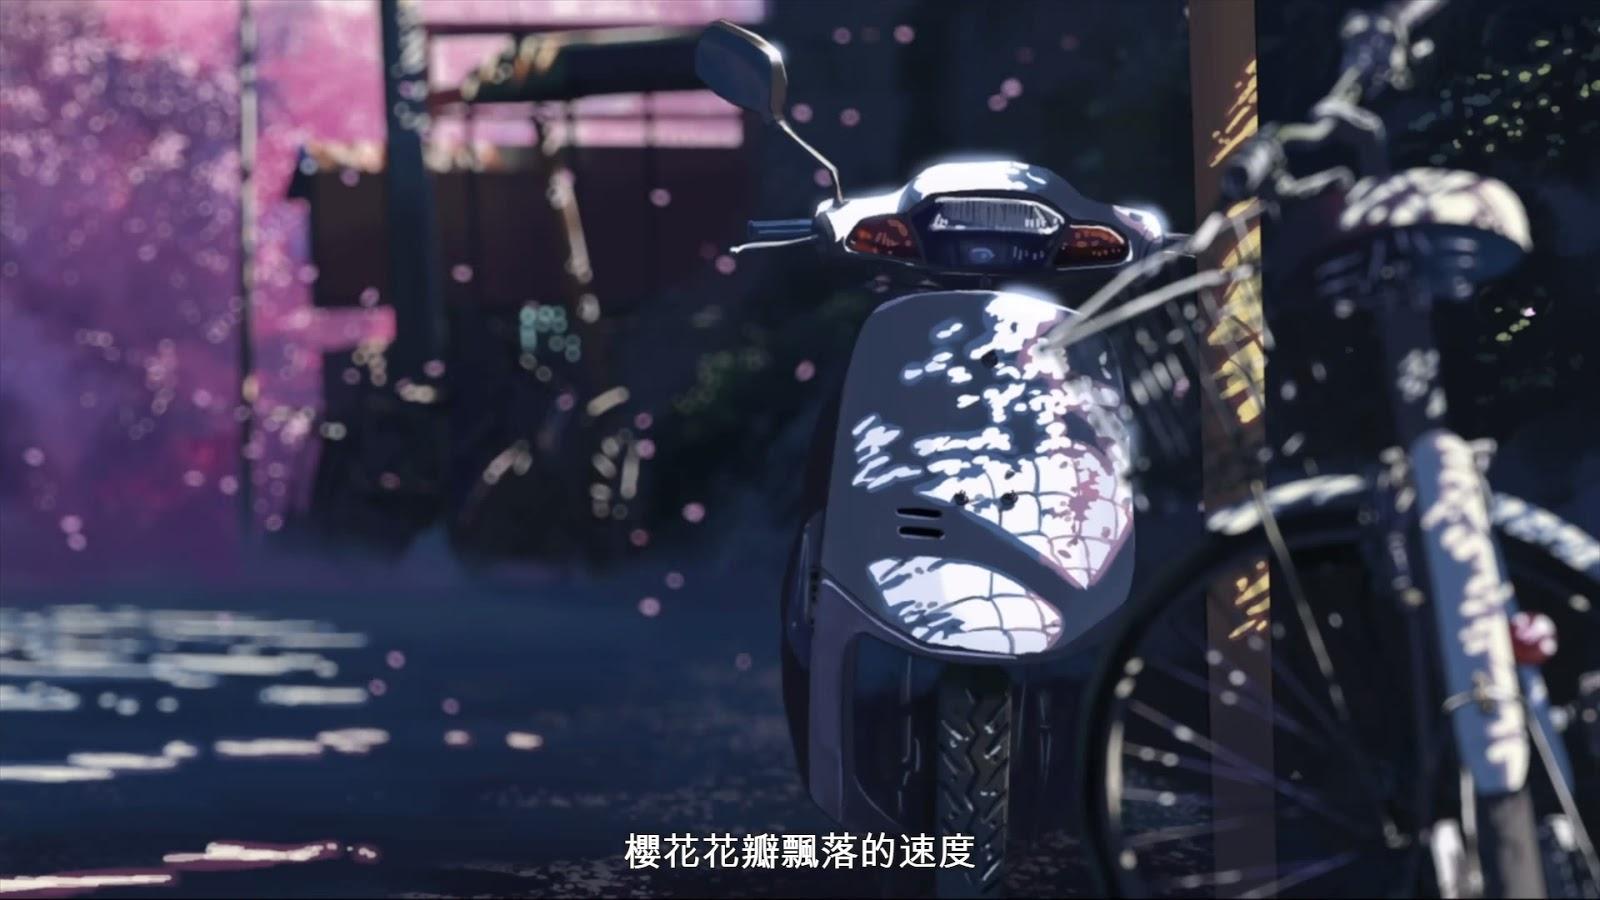 影評 心得 新海誠 櫻花 電影